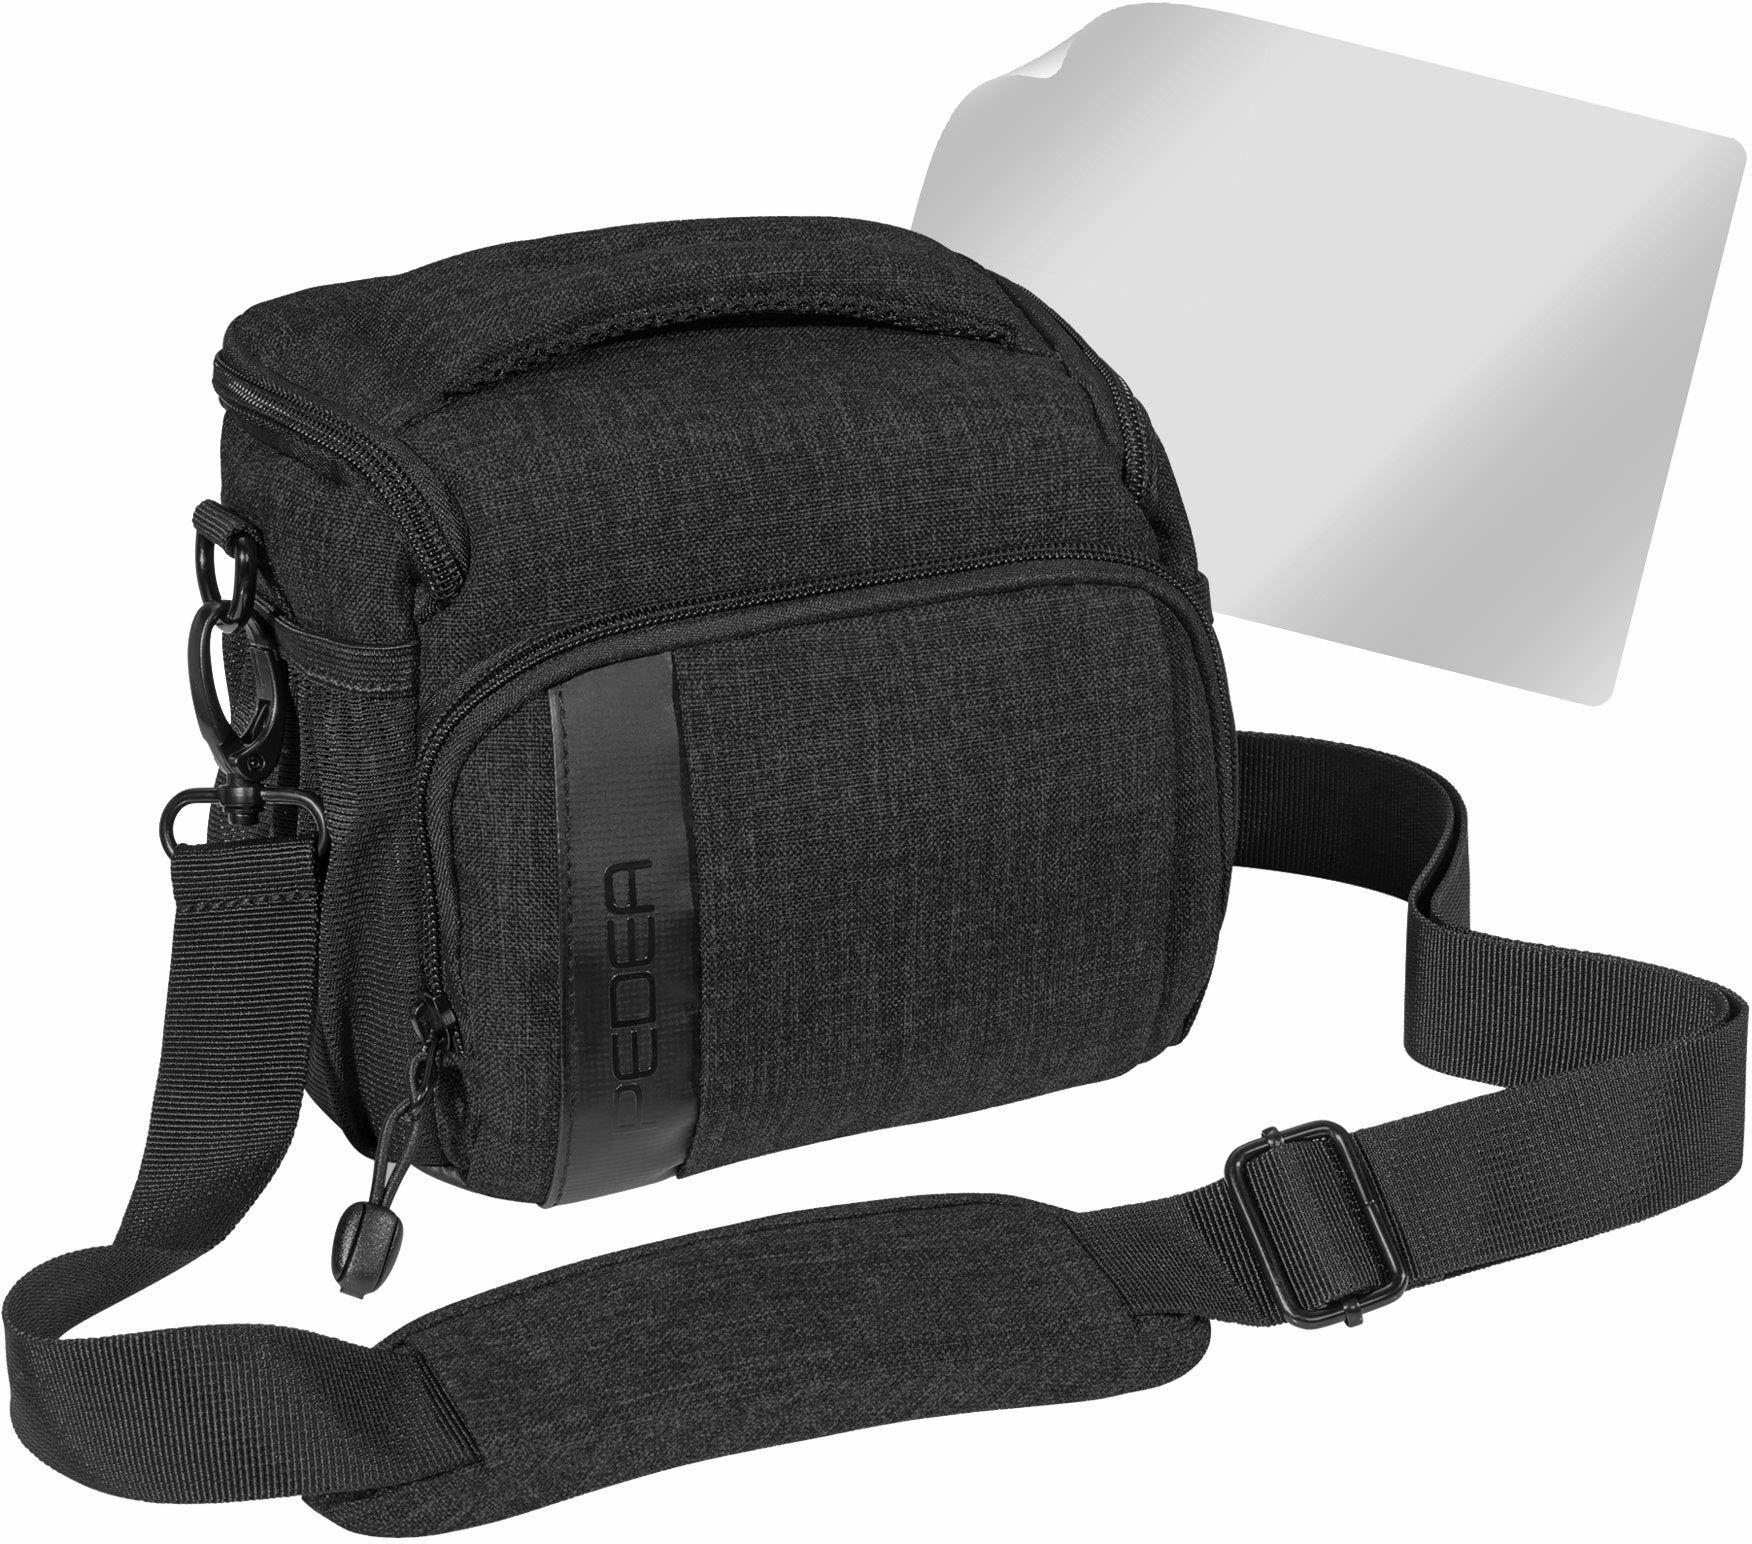 """PEDEA DSLR torba na aparat """"Fashion"""" z folią ochronną na wyświetlacz do Nikon D500 D750 D3500 D5200 D300 Coolpix B500 / Sony Alpha 7 7M2 7M3 7R II DSC-RX10 / Canon EOS 77D 200D 1300D, rozmiar L czarny"""